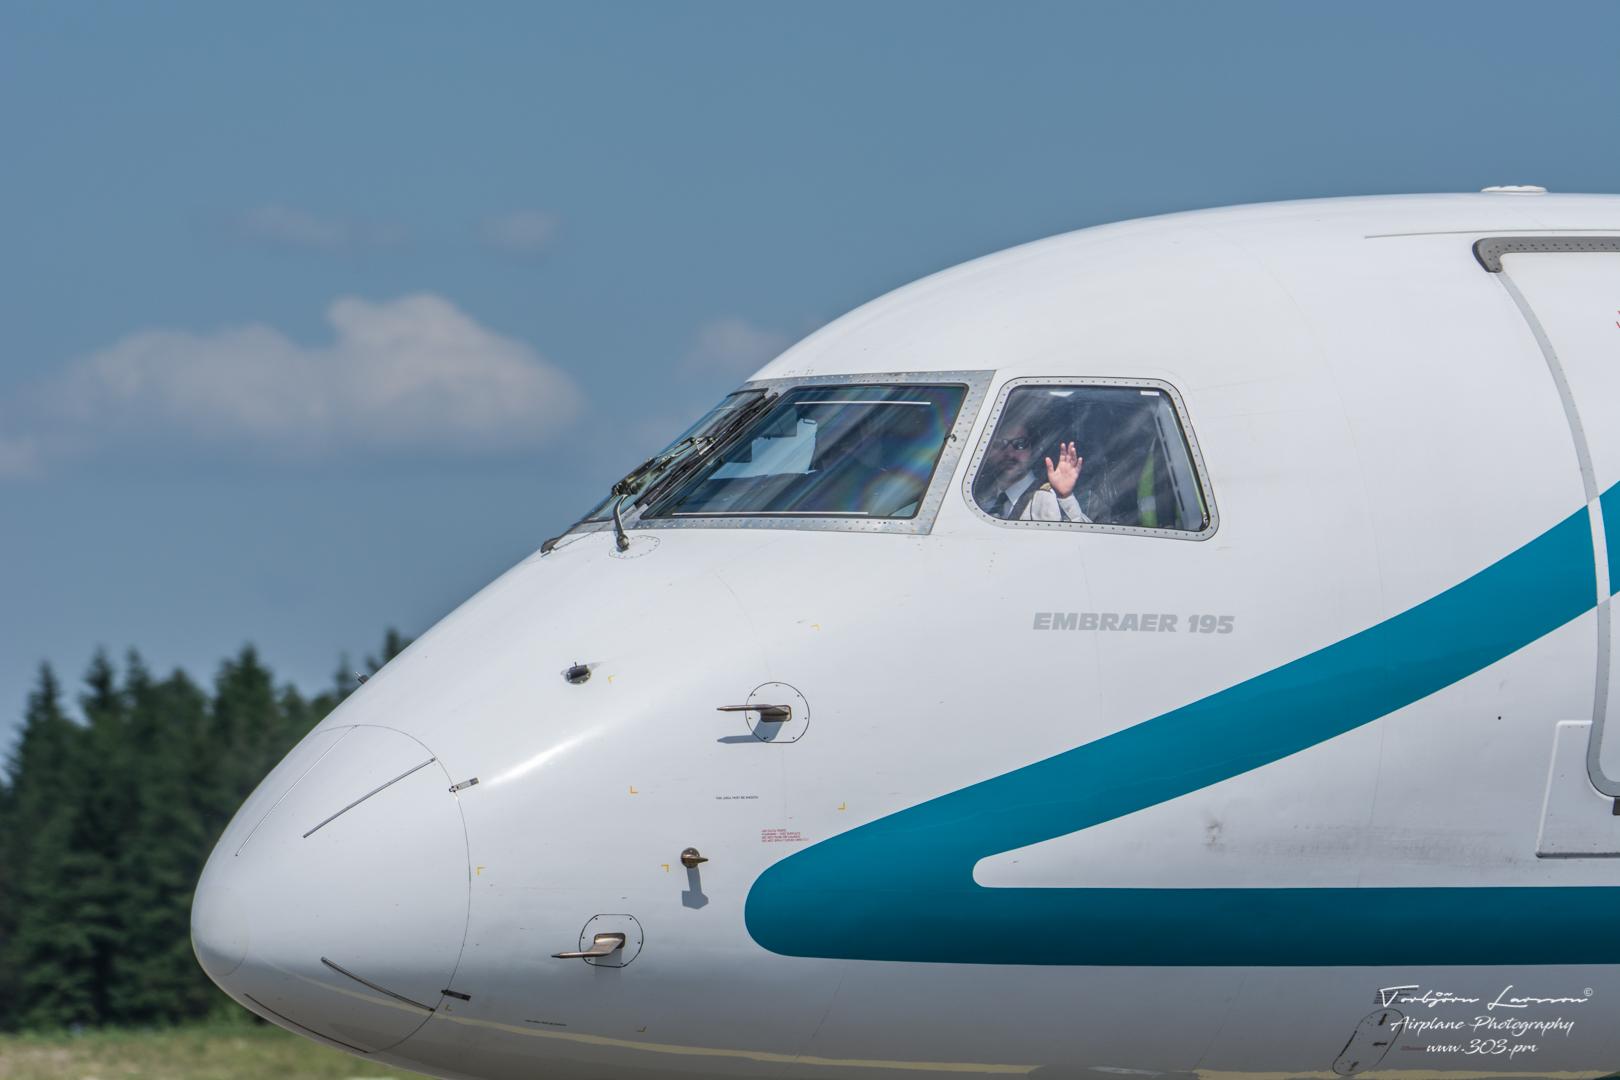 TBE_8248-Embraer Emb-195-200LR - Air Dolomiti - (I-ADJP)